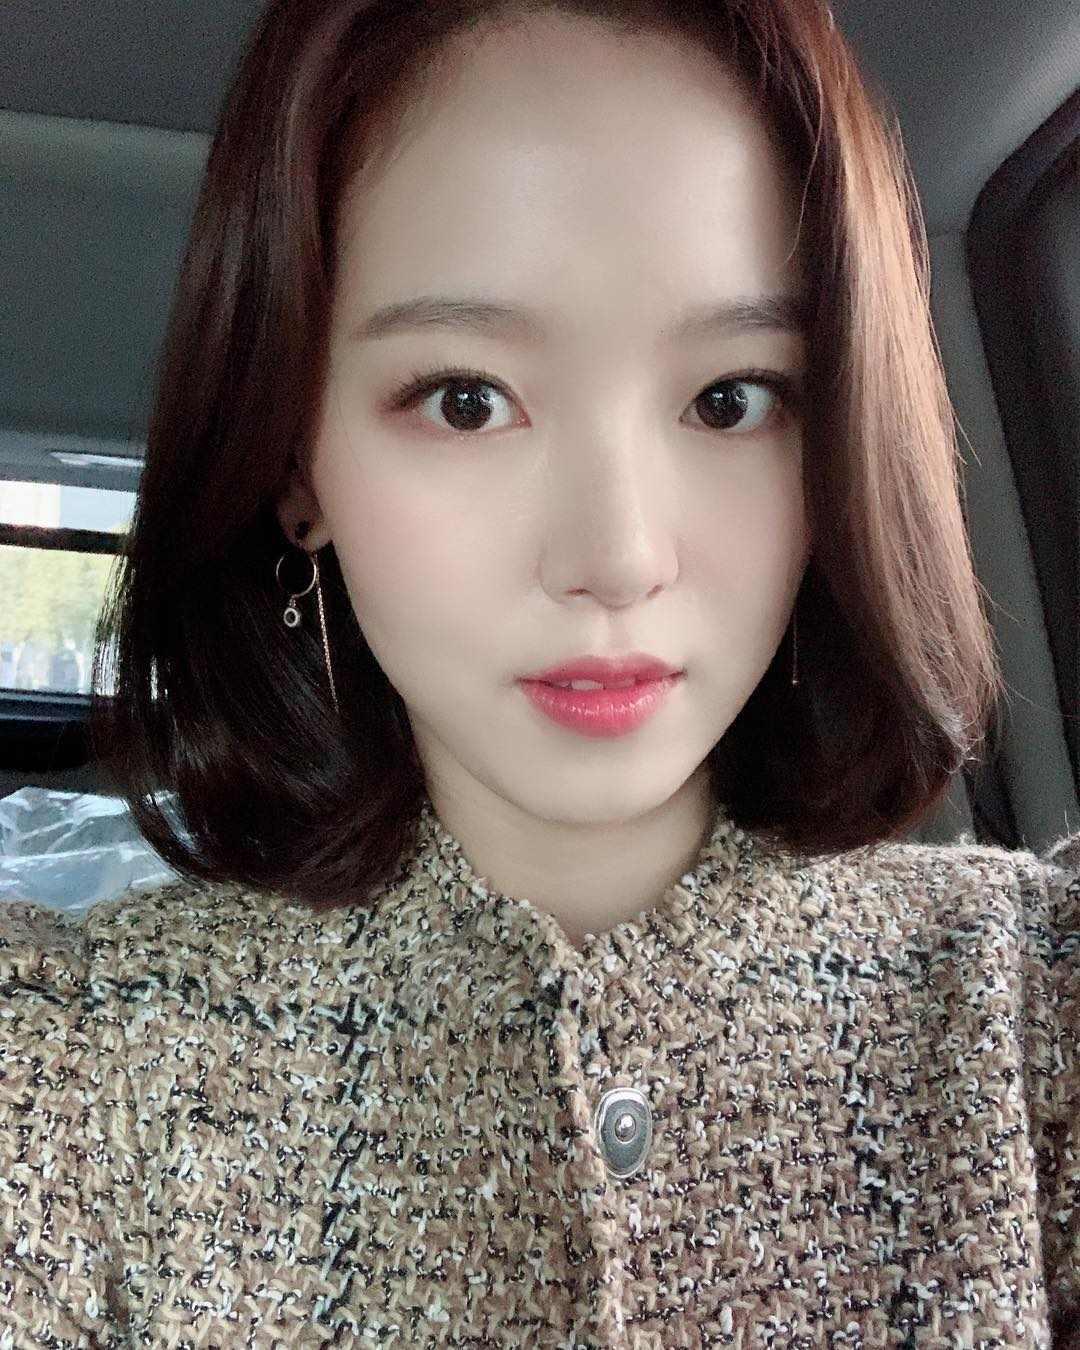 今天NAVER熱搜關鍵字持續出現「姜漢娜」這個名字,起初不少網友以為是演過《步步驚心麗》的那位韓國知名女演員姜漢娜,仔細一看發現是一位在日本發展的女藝人,因為他在日本節目中大膽說出韓國人整形的話題,一句話惹毛了一大票韓國網友!